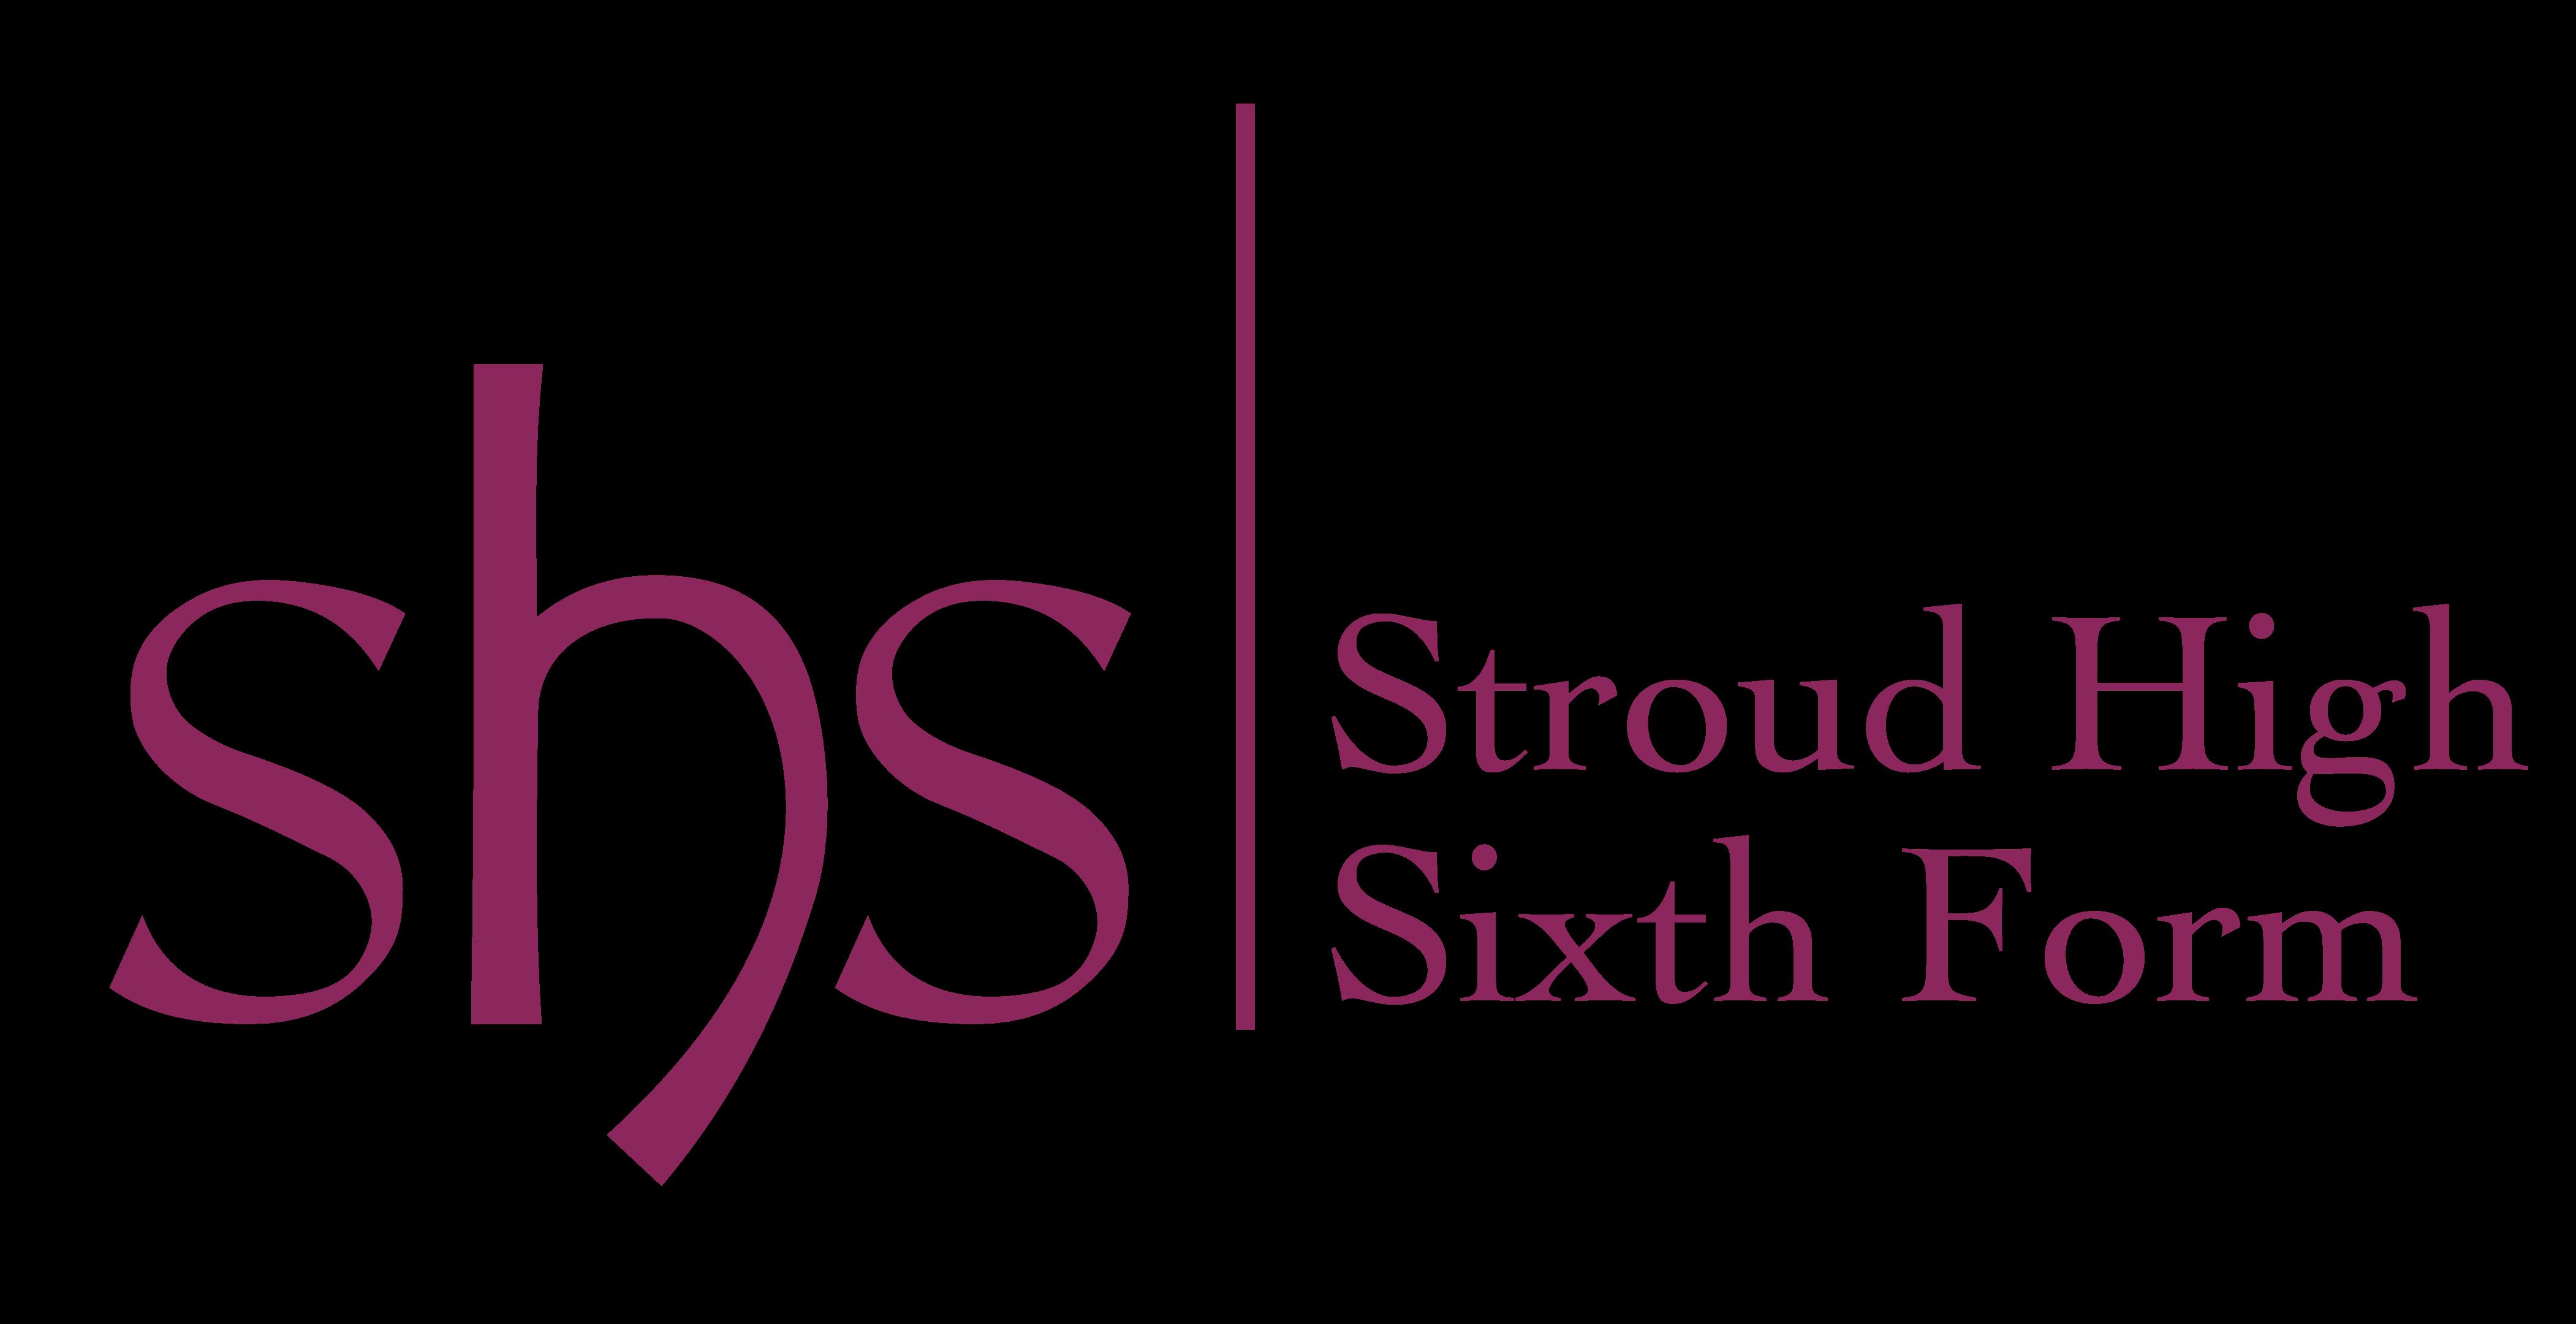 Stroud High School Sixth Form